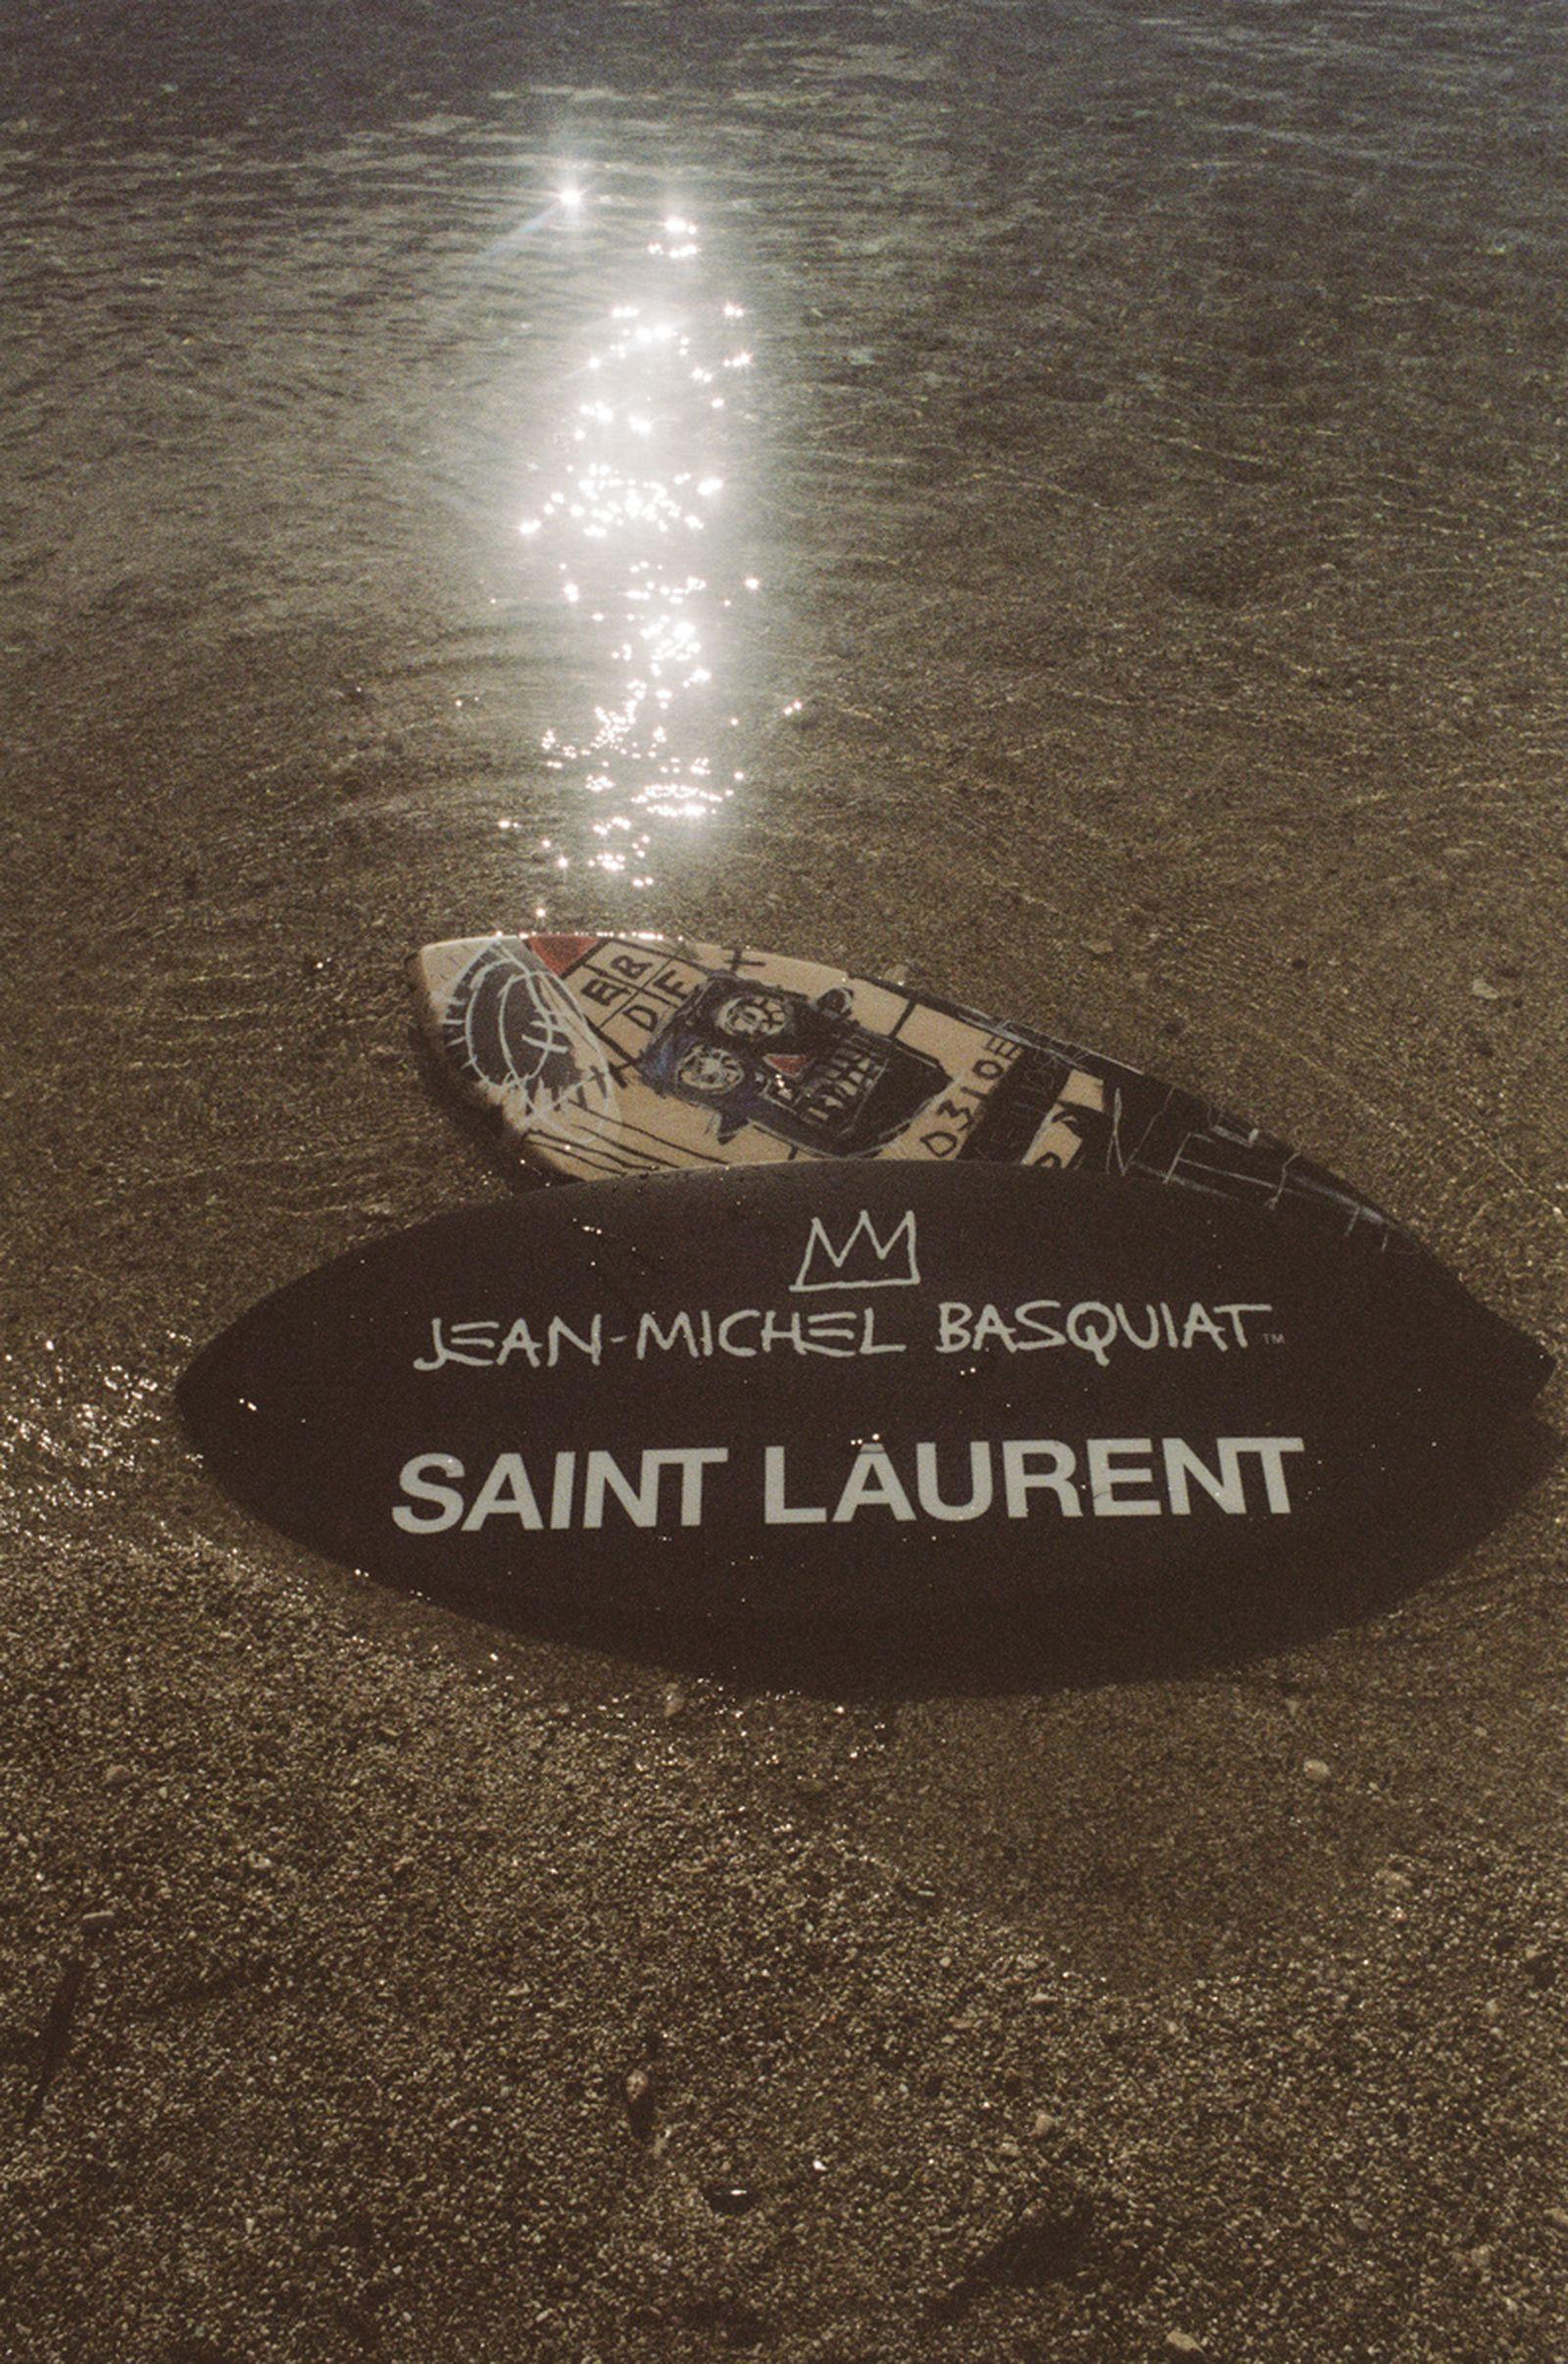 saint-laurent-rive-droite-jean-michel-basquiat-9